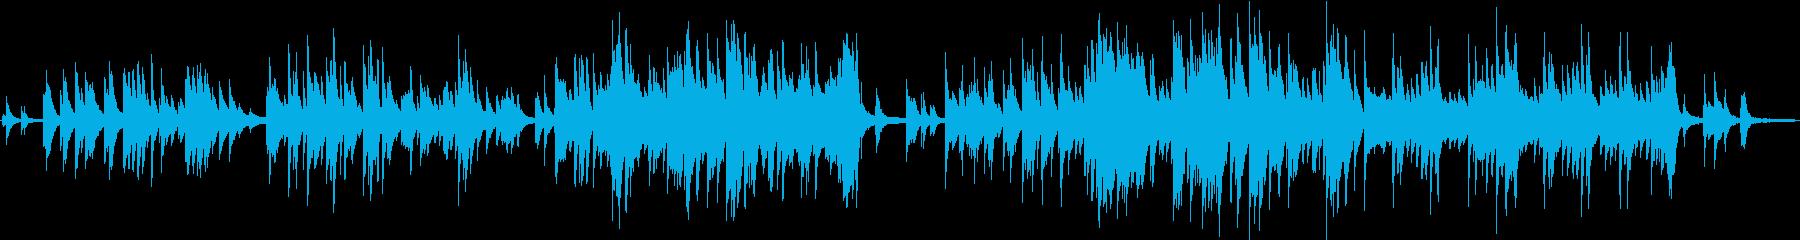 切ないメロディーと華やかなピアノアレンジの再生済みの波形